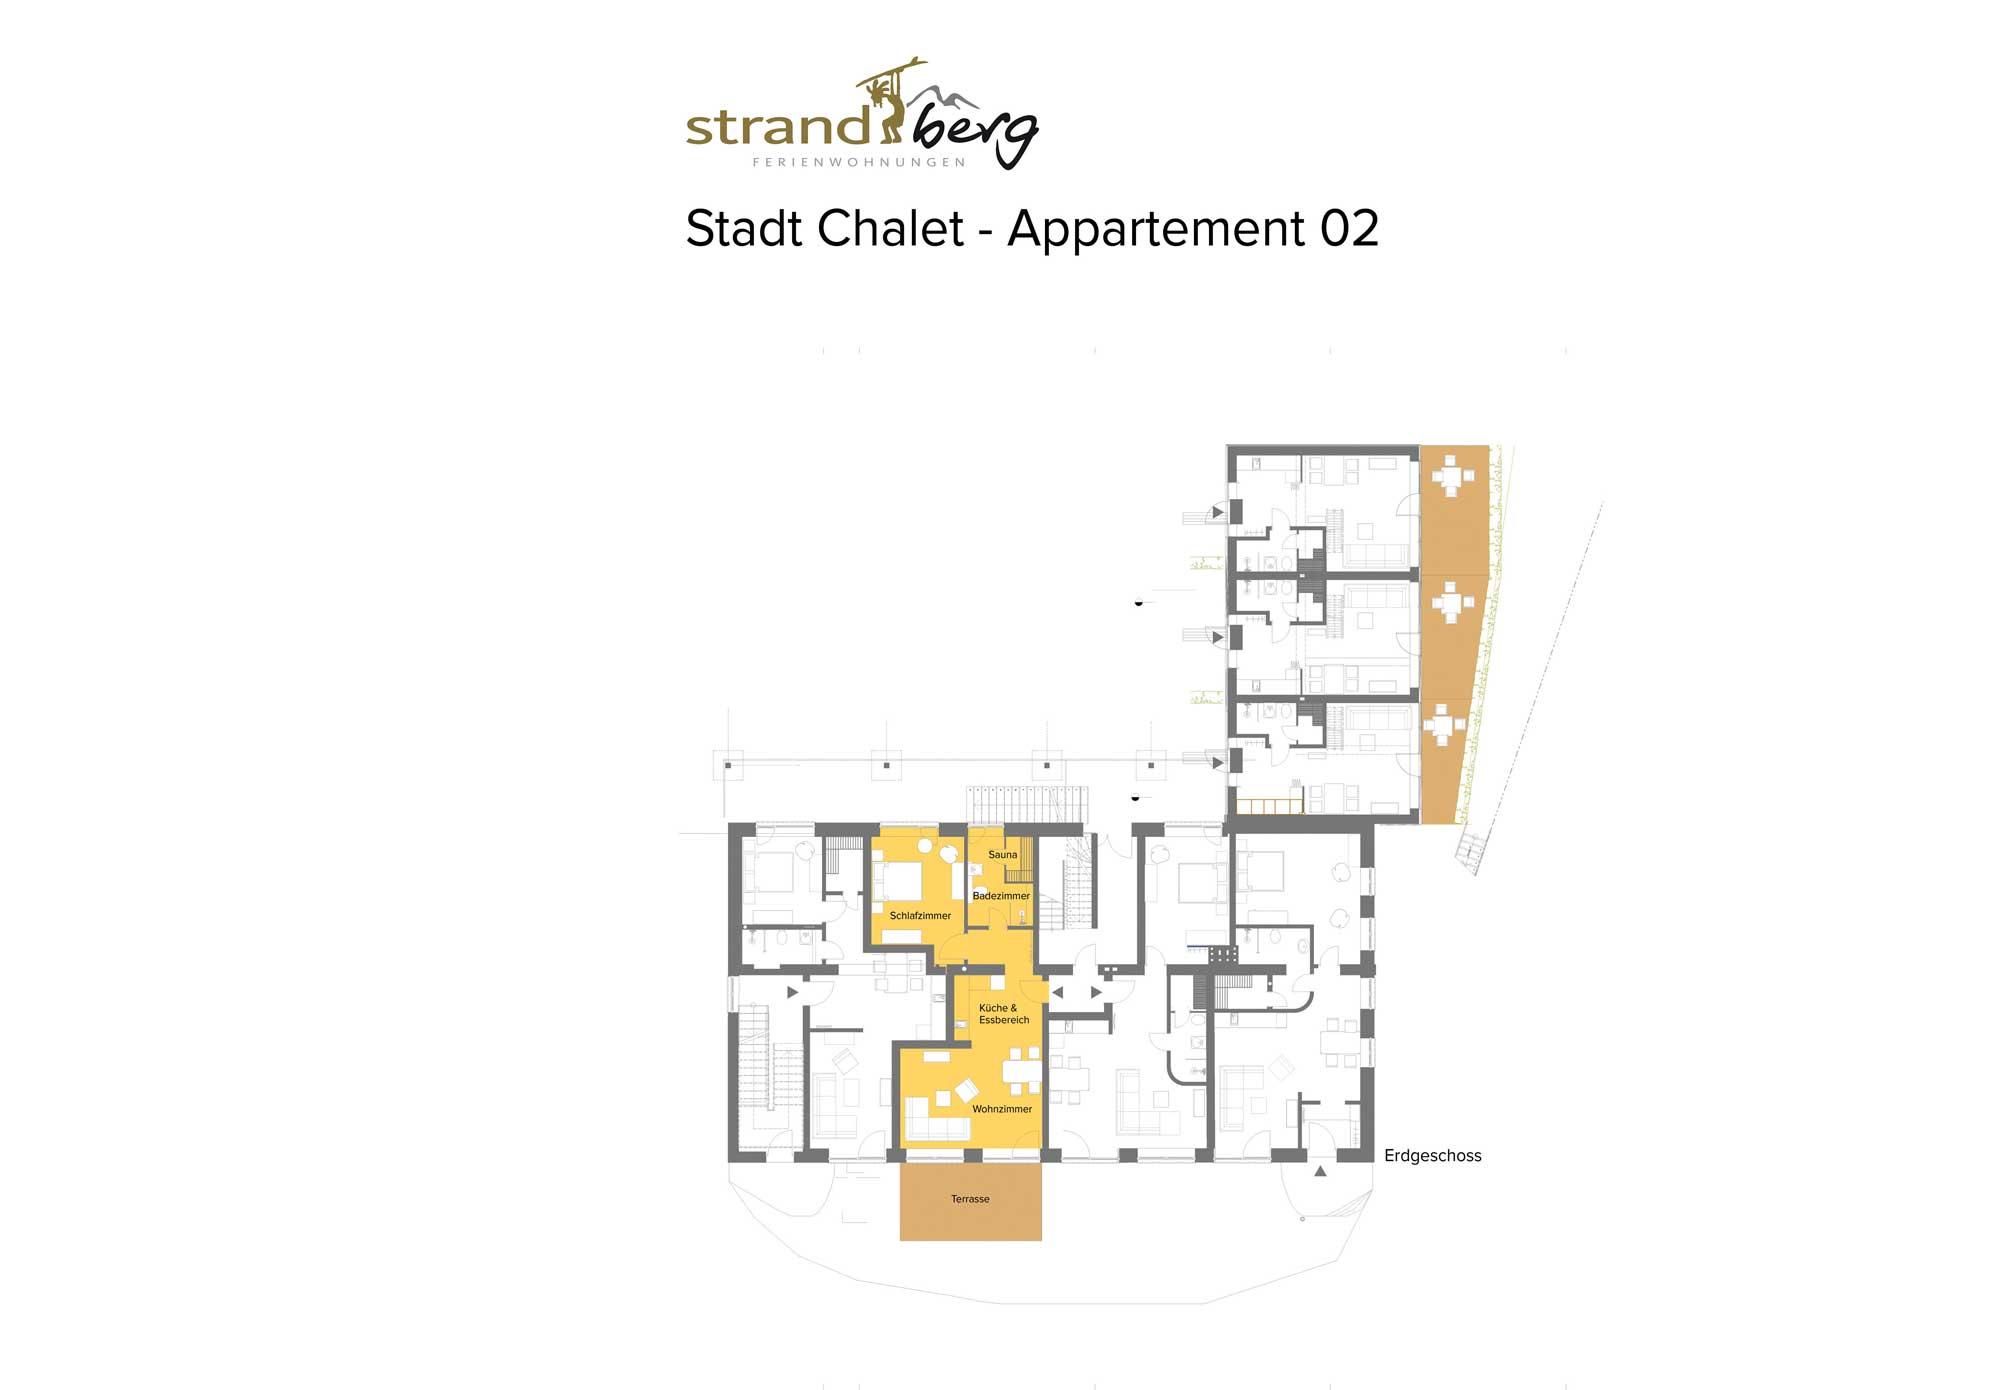 Stadt Chalet Appartement 2 - Grundriss